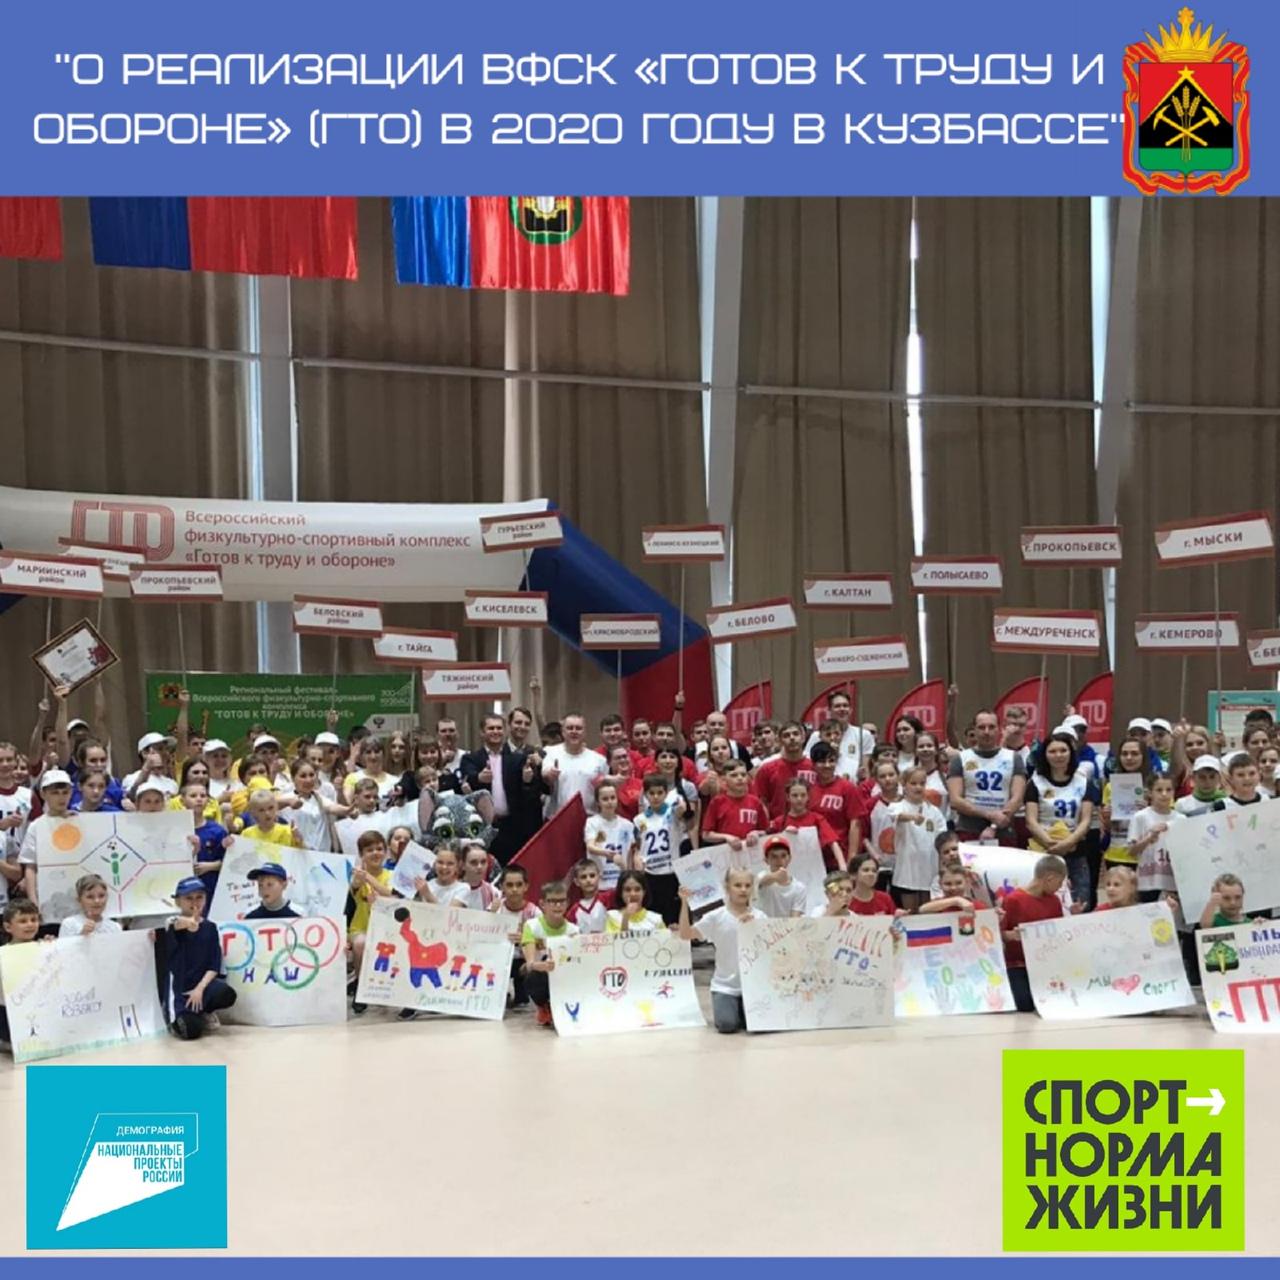 Реализация ВФСК ГТО в Кузбассе